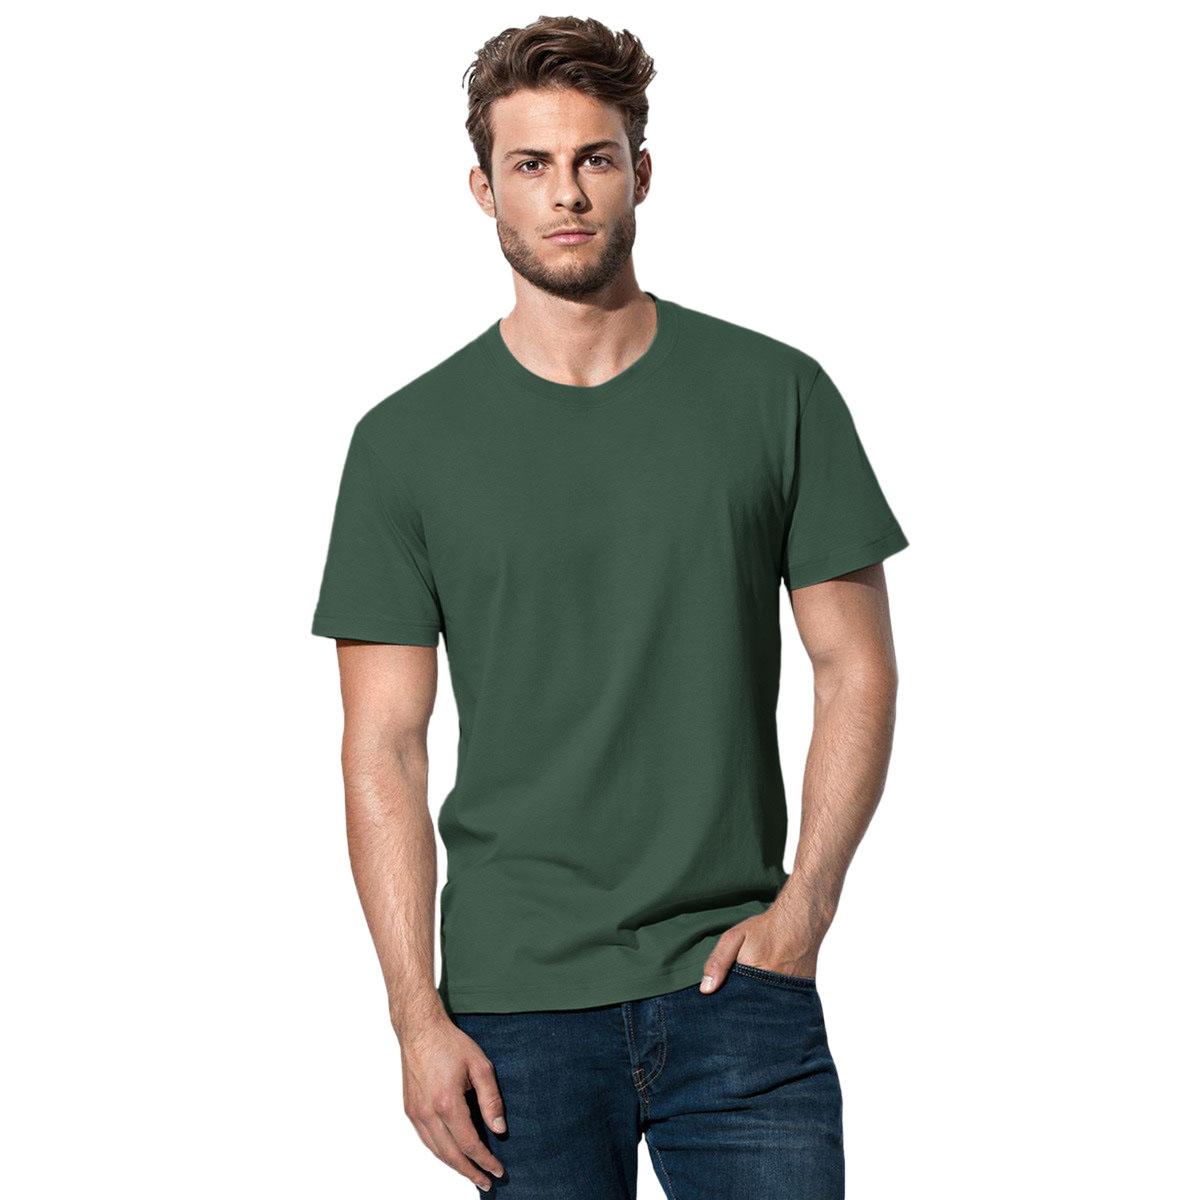 miniature 4 - Stedman - T-shirt classique - Homme (AB269)